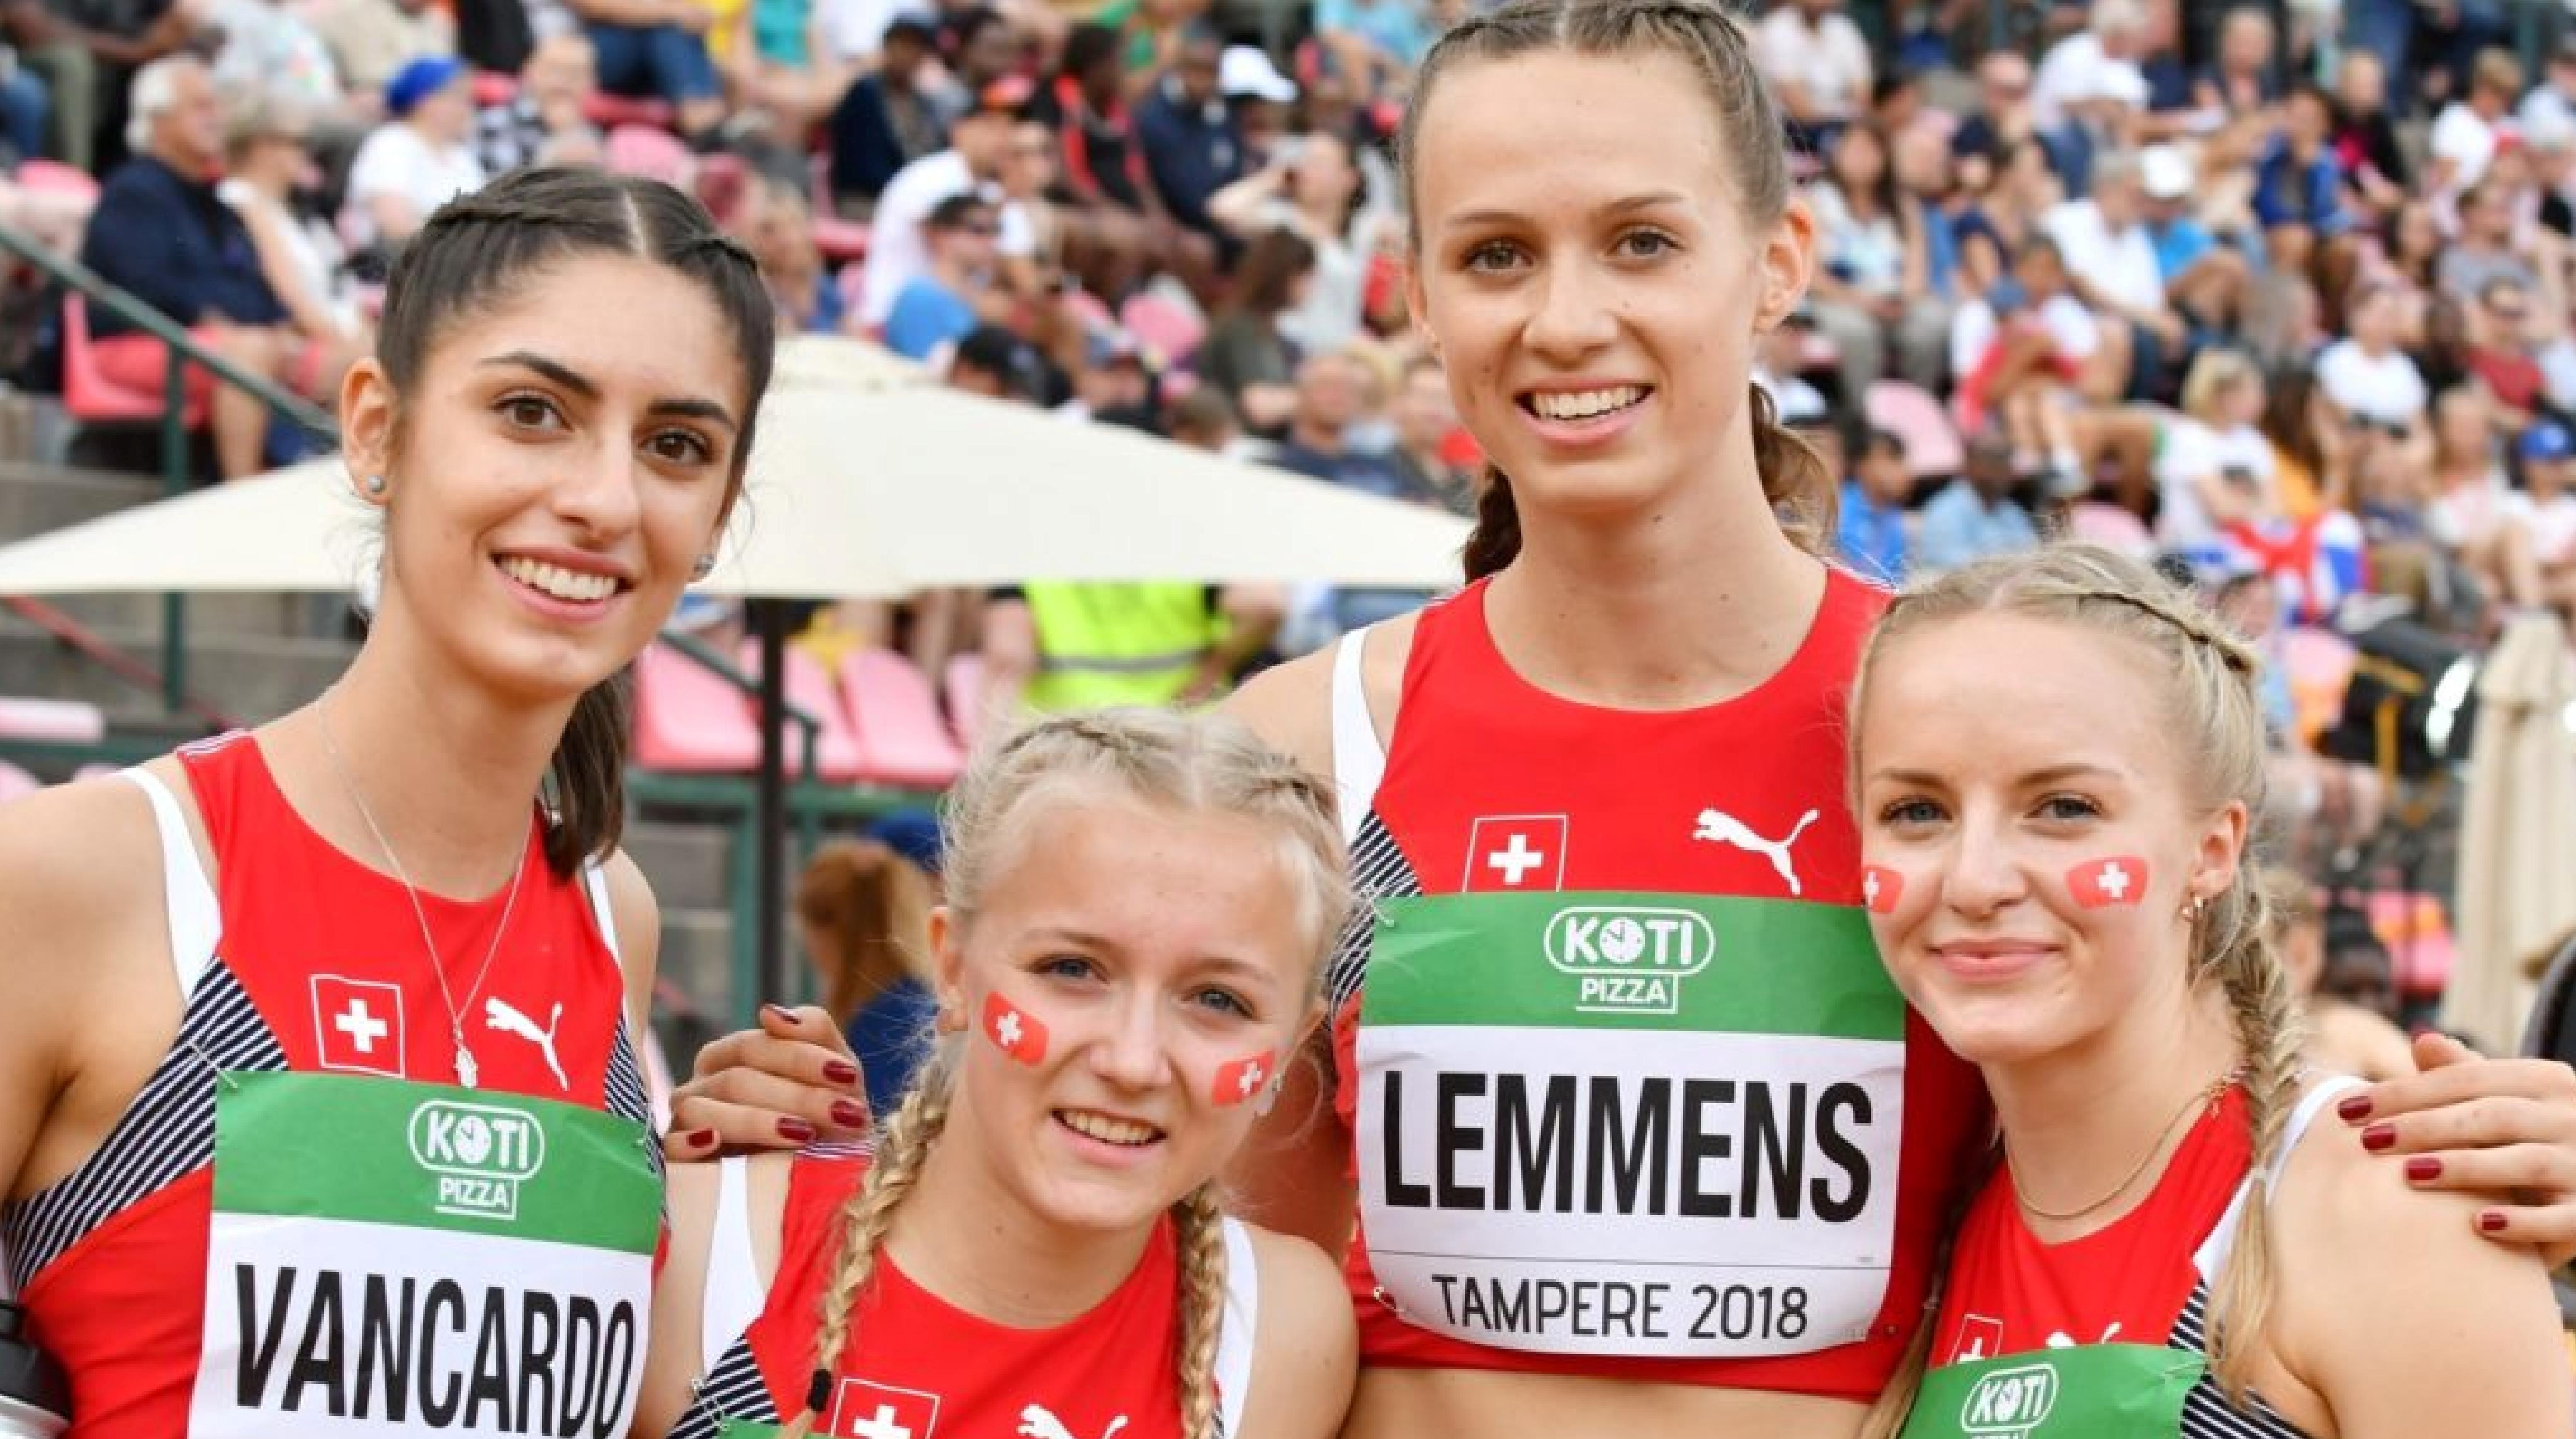 Championnats du monde U20 à Tampere